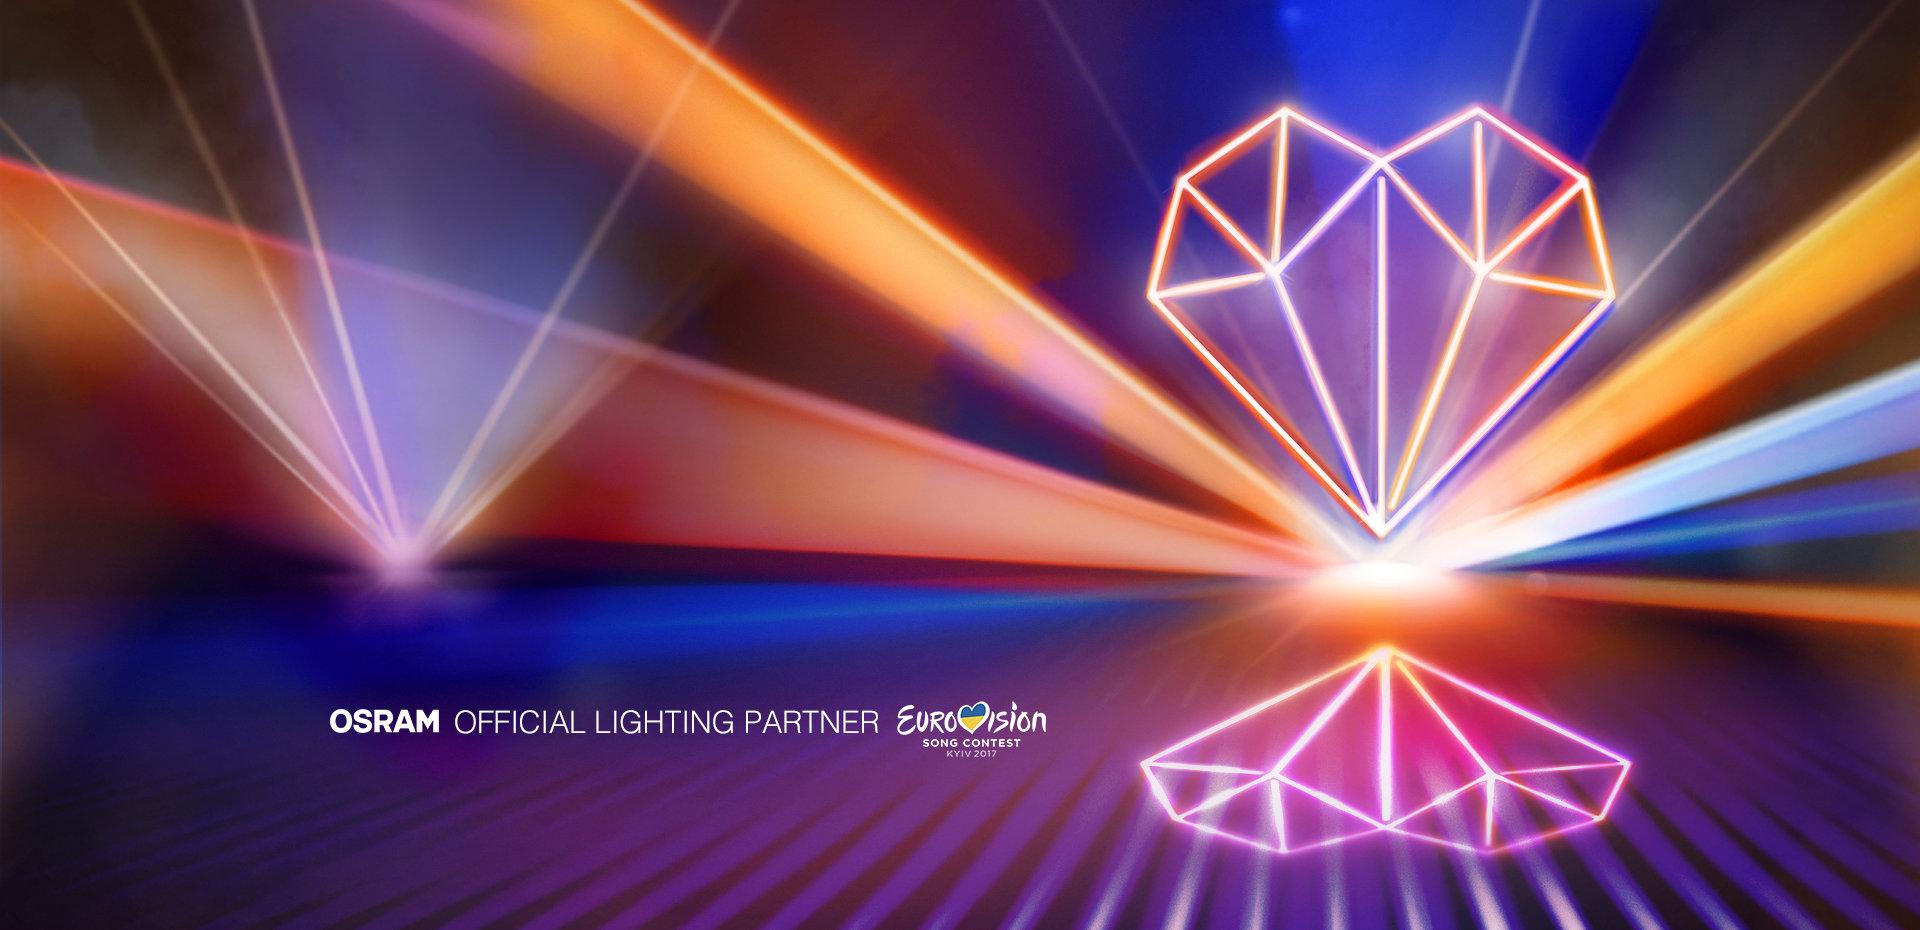 Eurovision Song Contest: Große Gefühle und großartige Lightshows